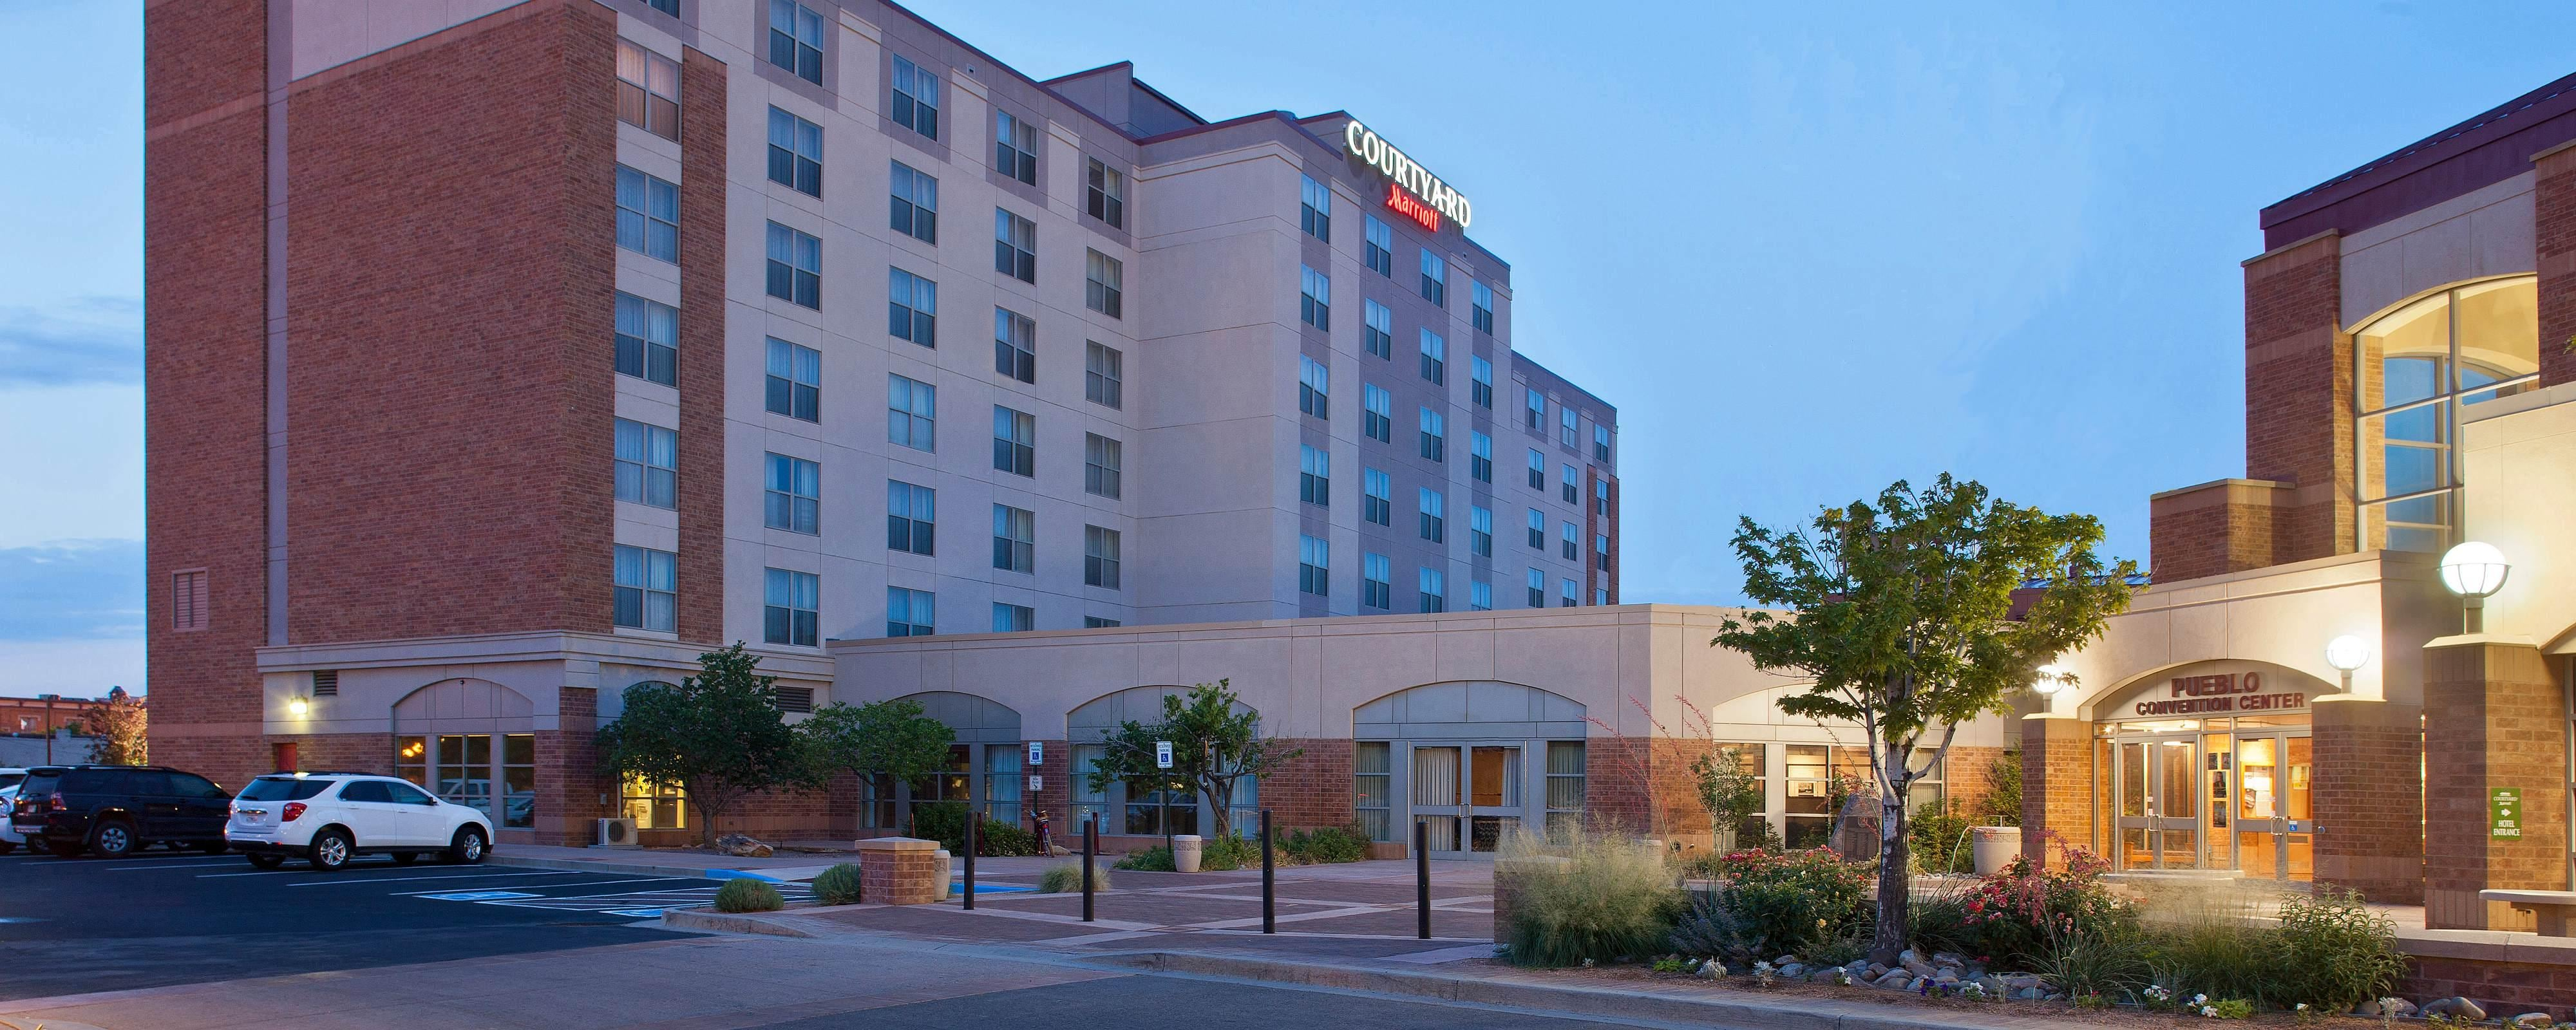 Courtyard By Marriott Pueblo Downtown Upgraded Hotel In Colorado